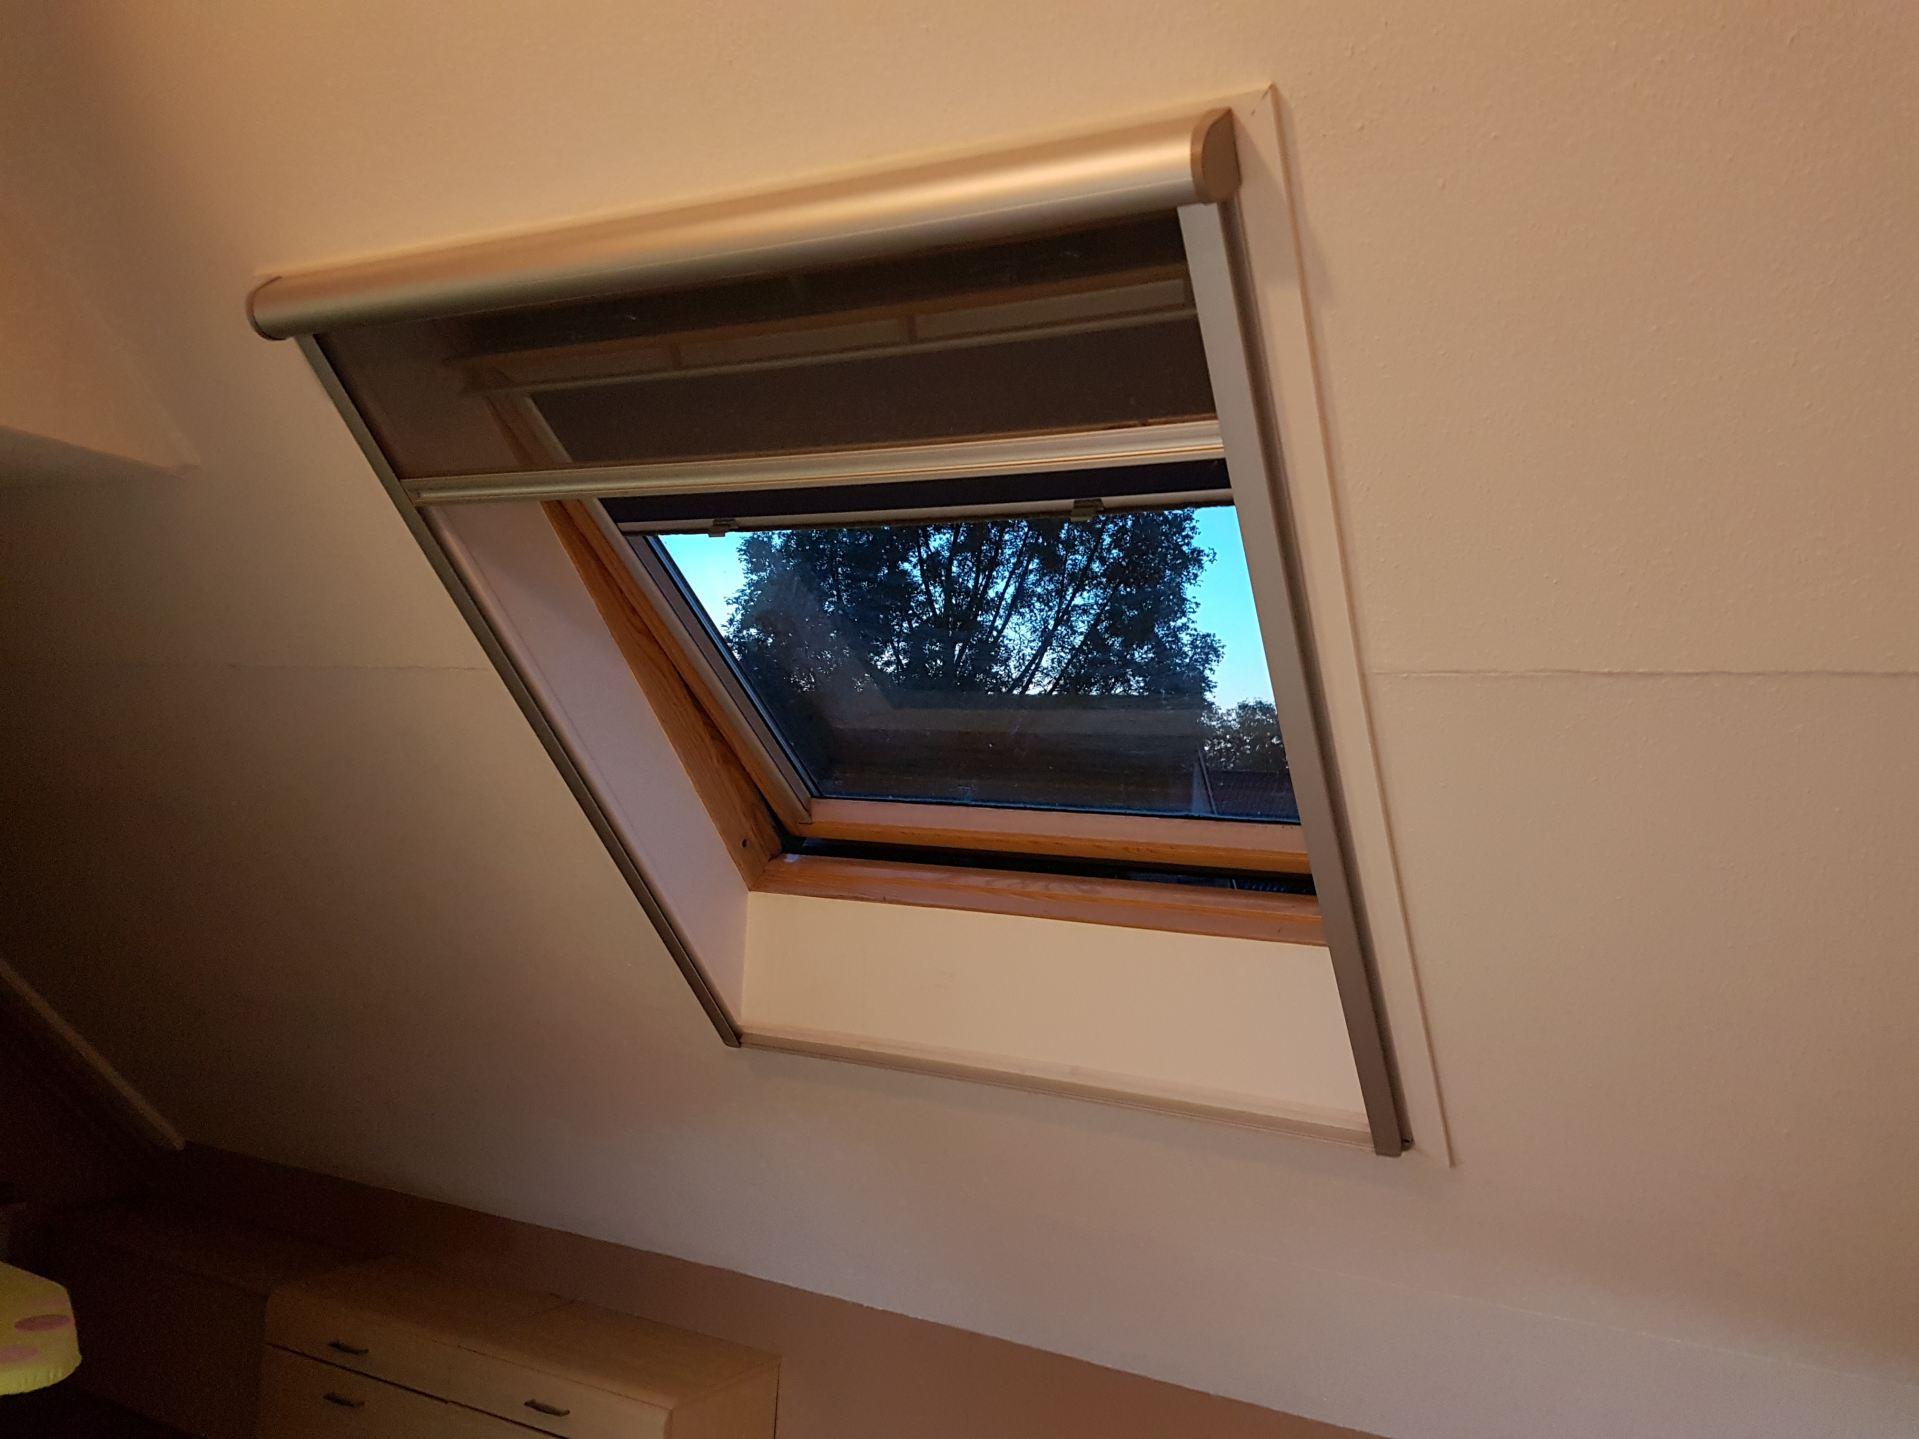 Keukens Dordrecht Renovatie : De klussenier jacob drenth uw klusbedrijf in dordrecht